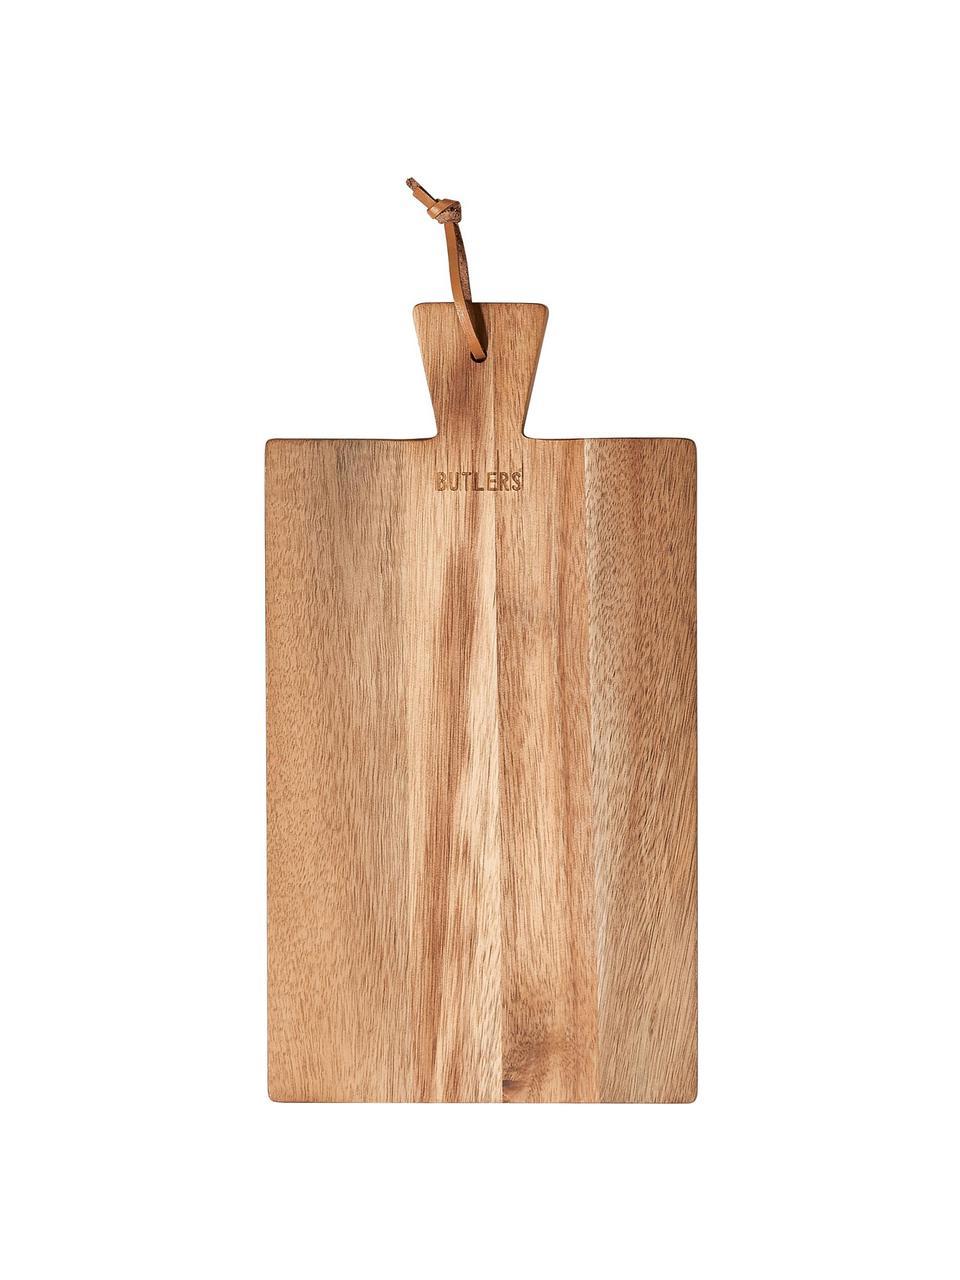 Tagliere in legno di acacia Cutting Crew, Legno di acacia, Larg. 43 x Prof. 24 cm